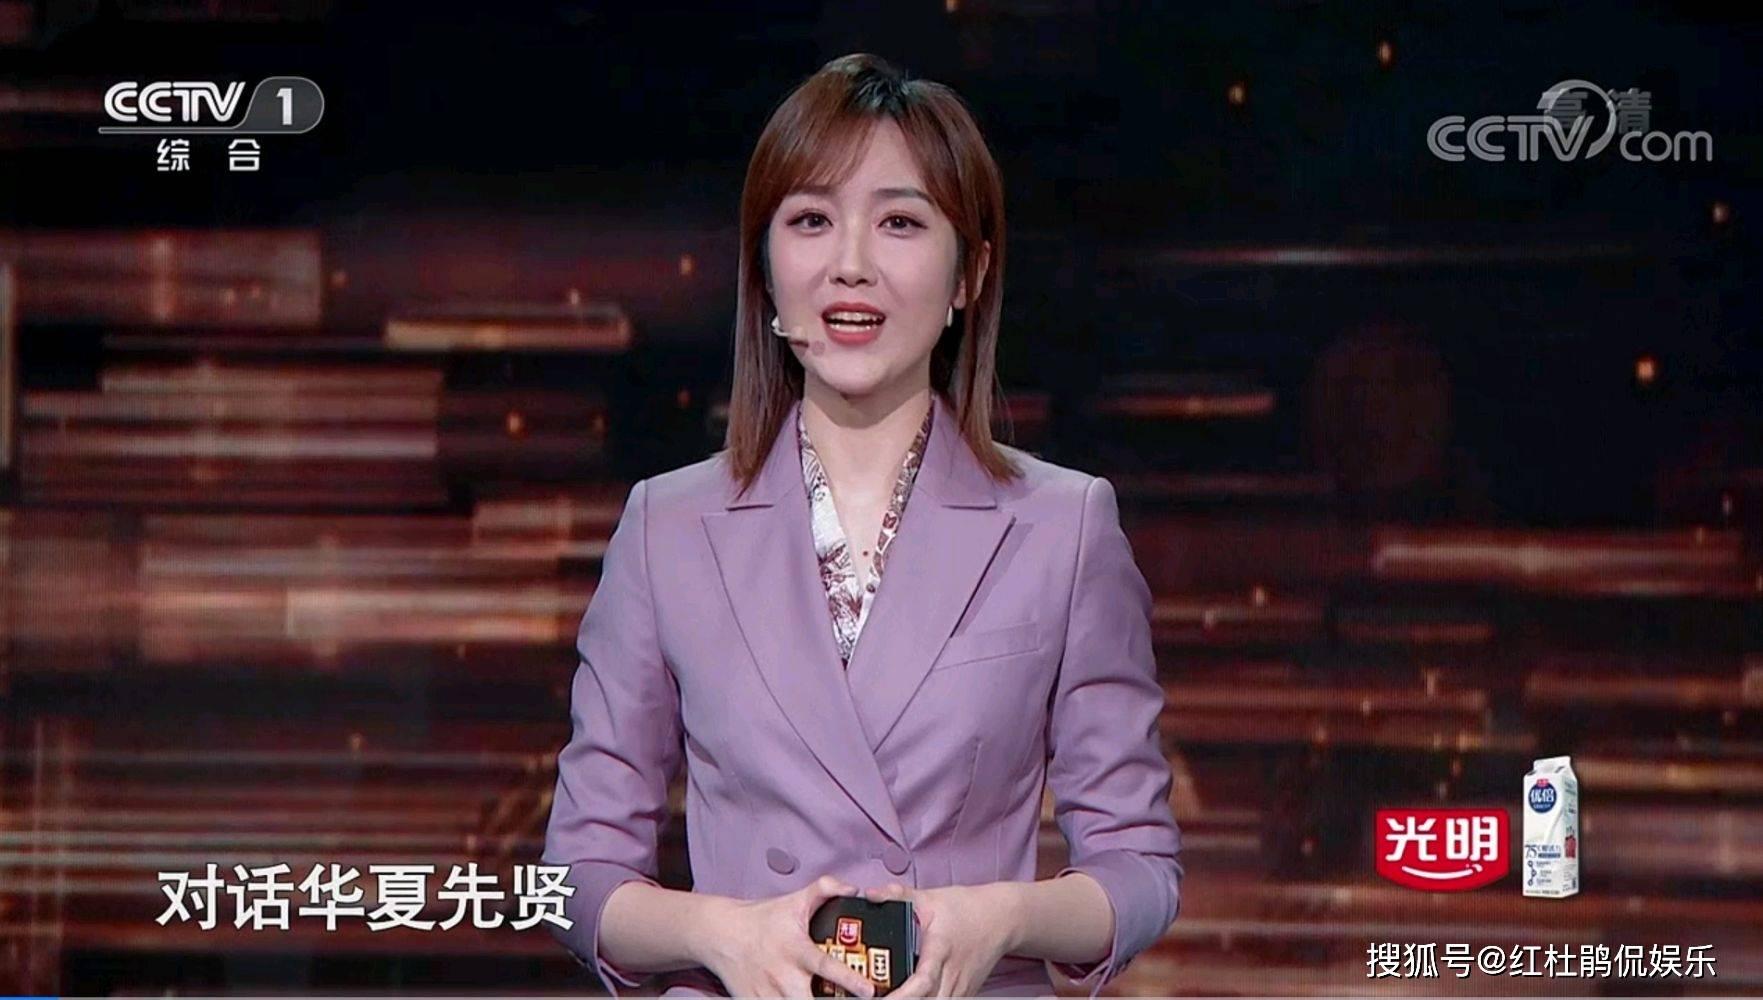 王嘉宁是不是撒贝宁的徒弟?怎么每档节目都带着她插图12